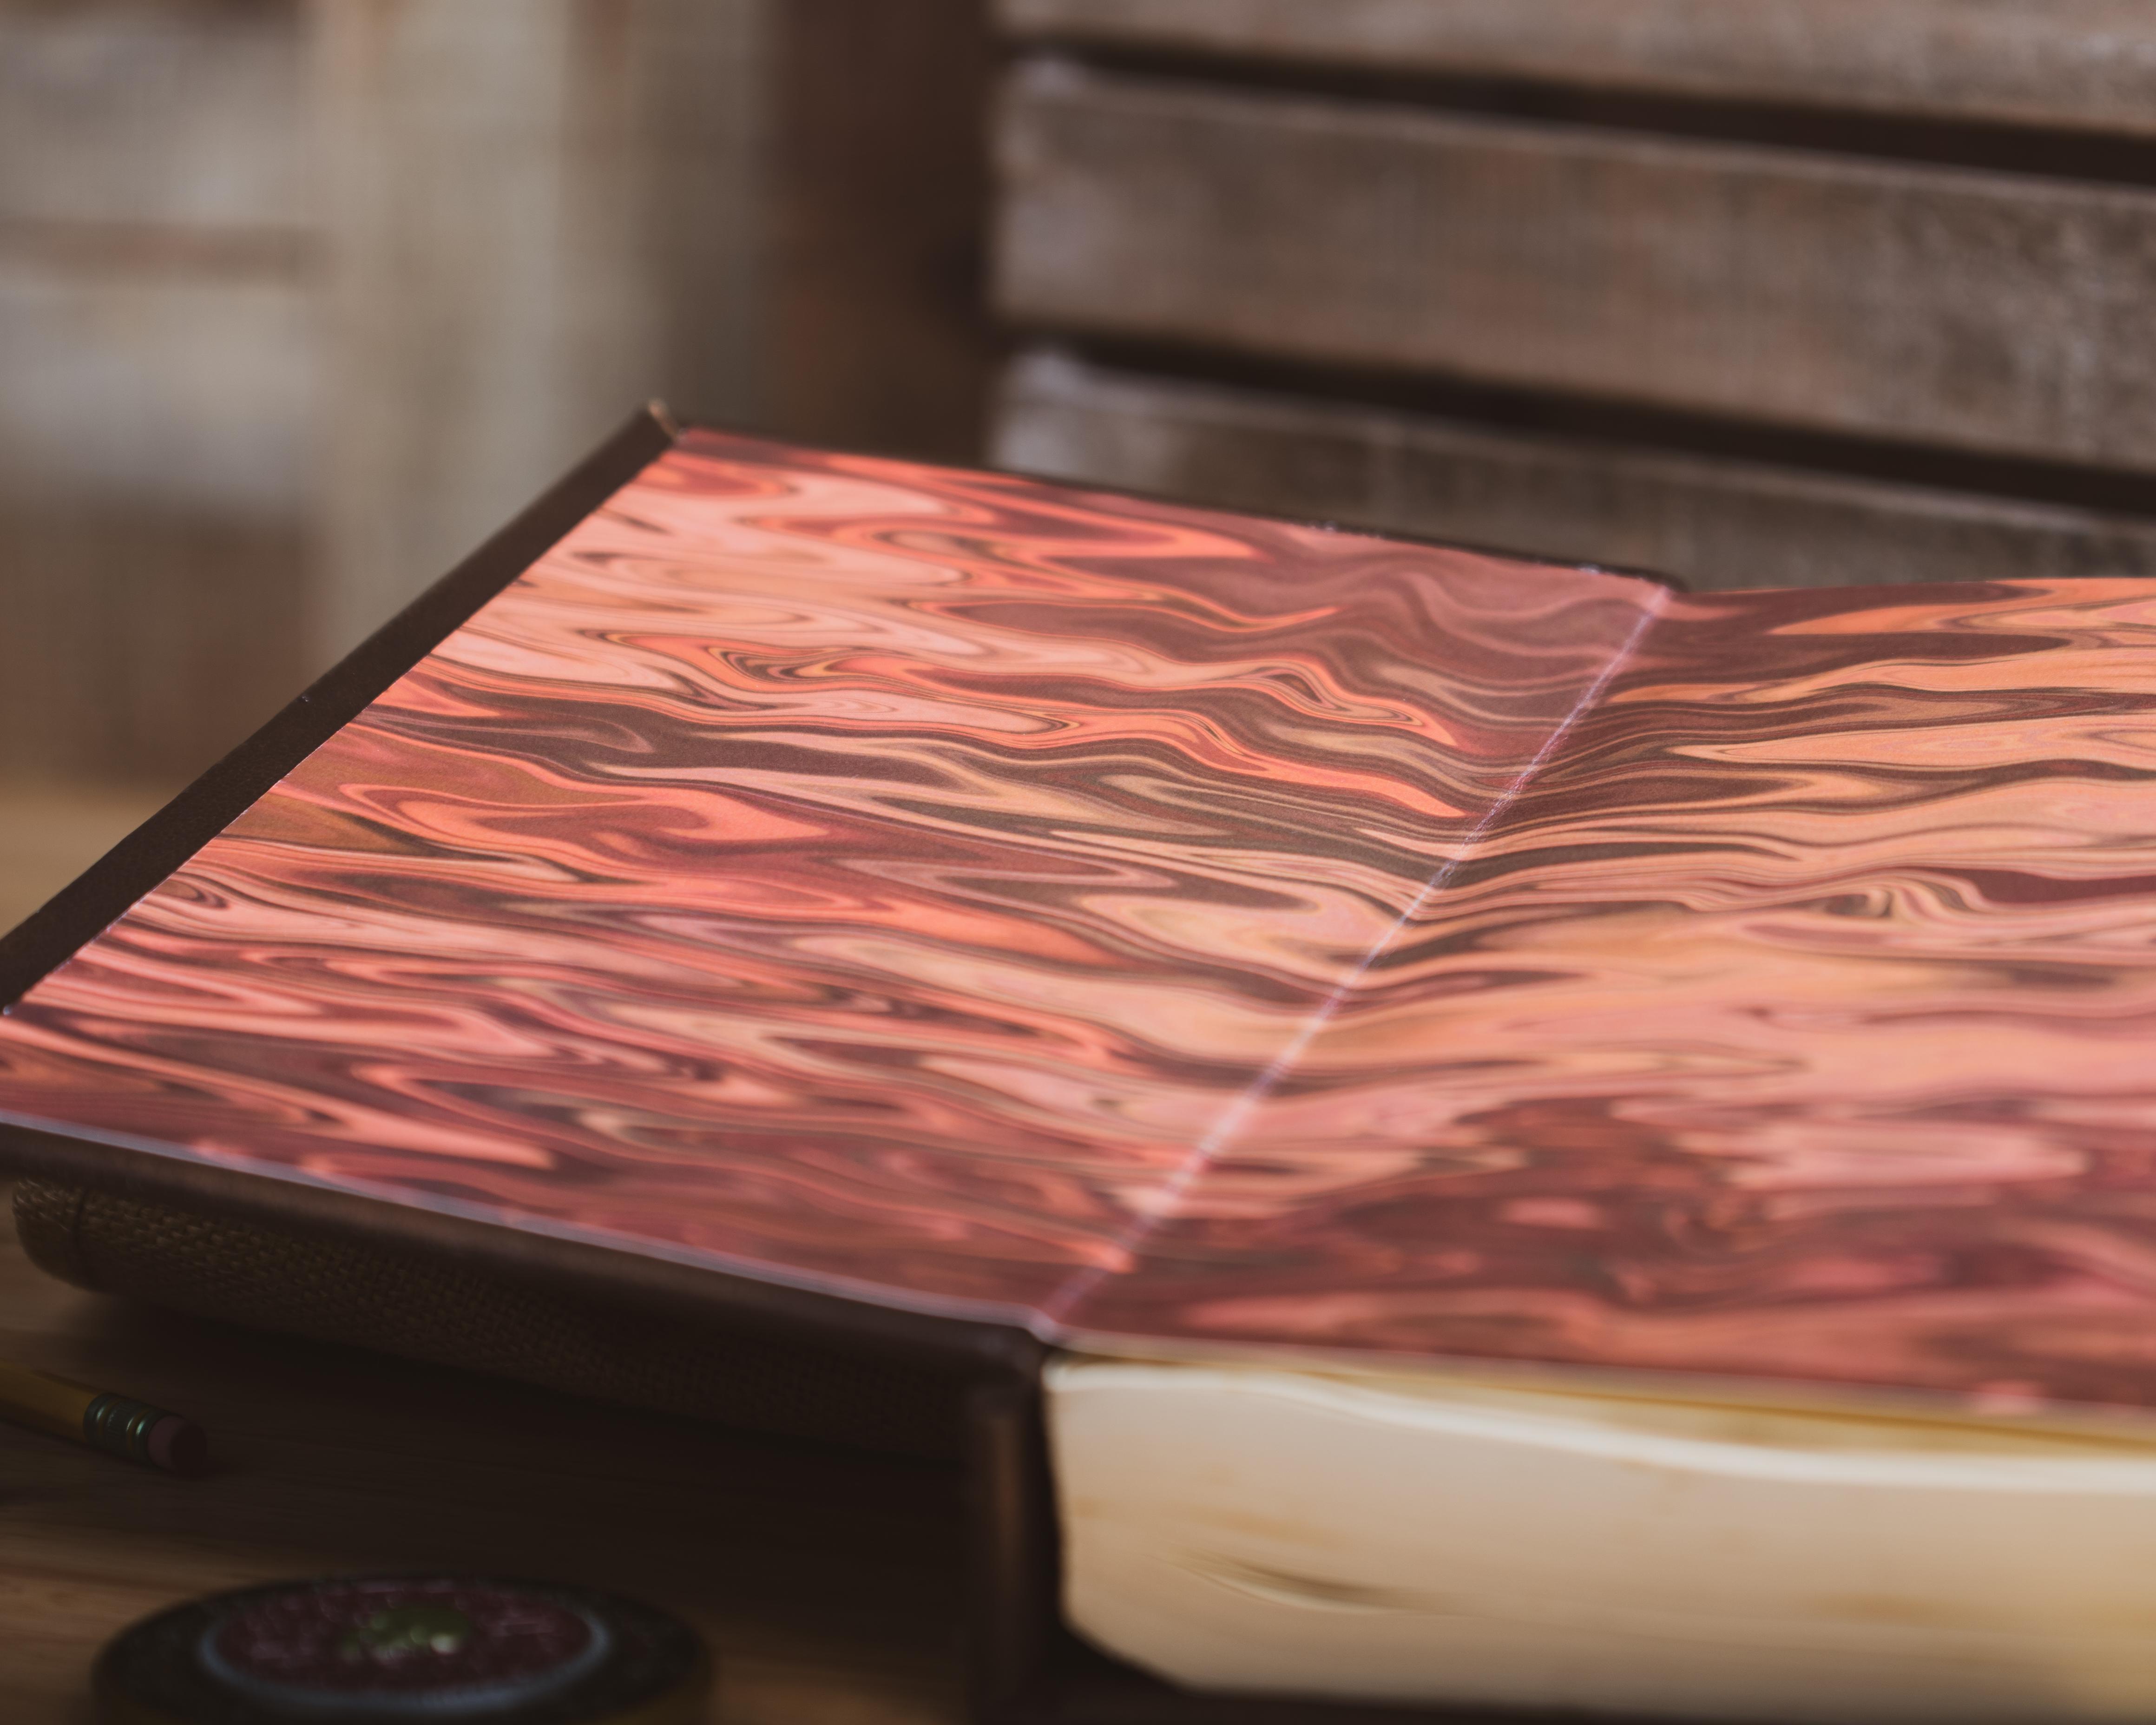 John Wick Stash Book-4.jpg